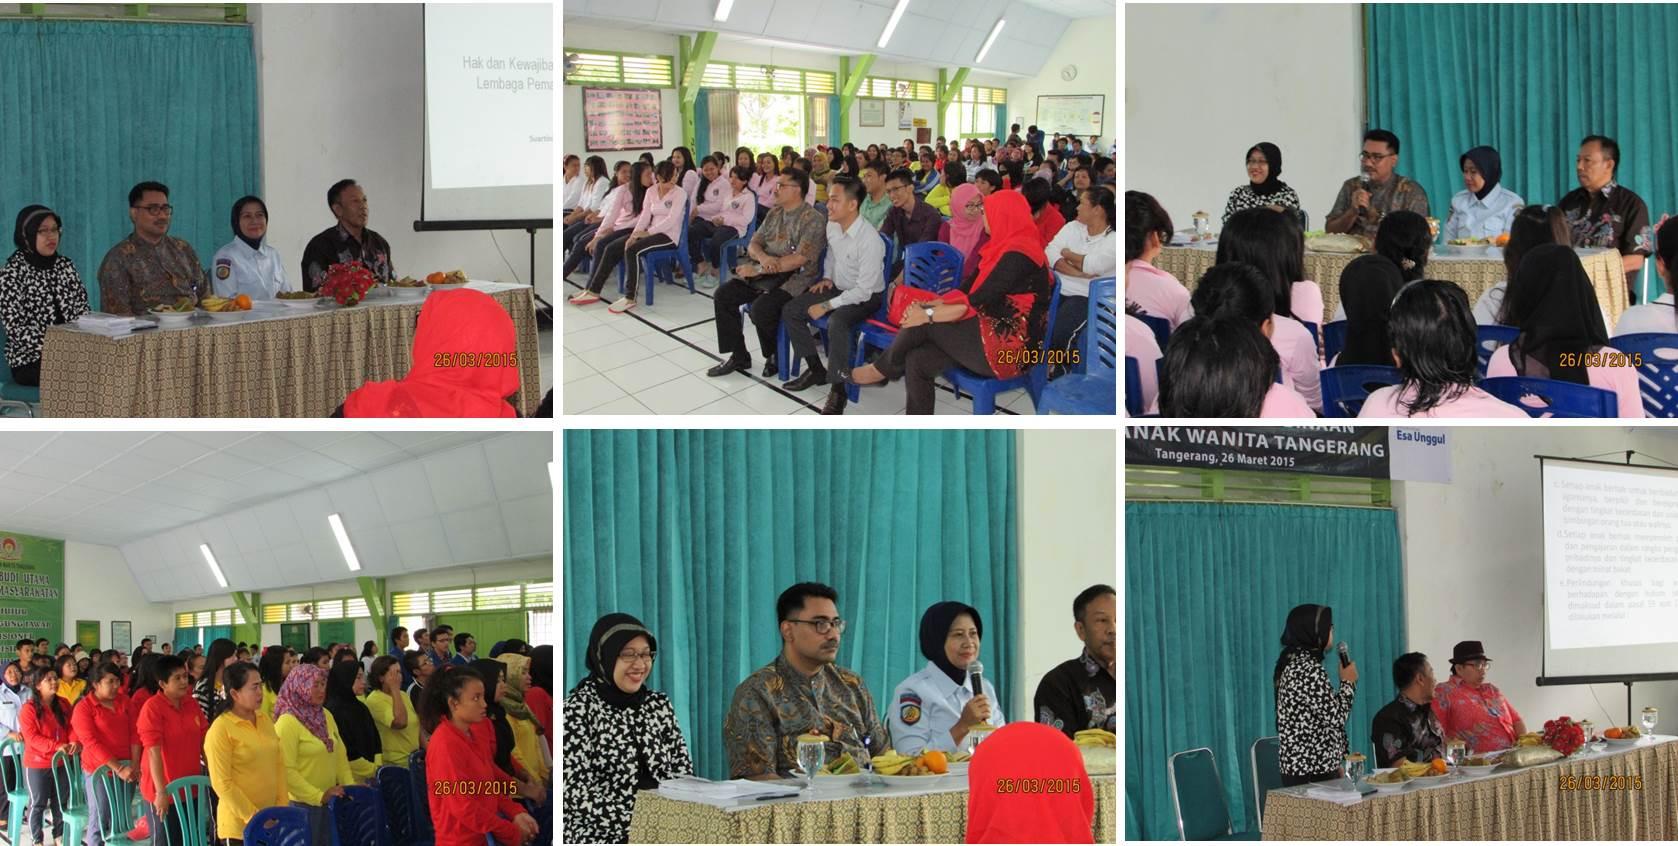 Penyuluhan Hukum LKBH Esa Unggul, Fakultas Hukum dan Psikologi di Lapas Wanita dan Anak Wanita, Tangerang